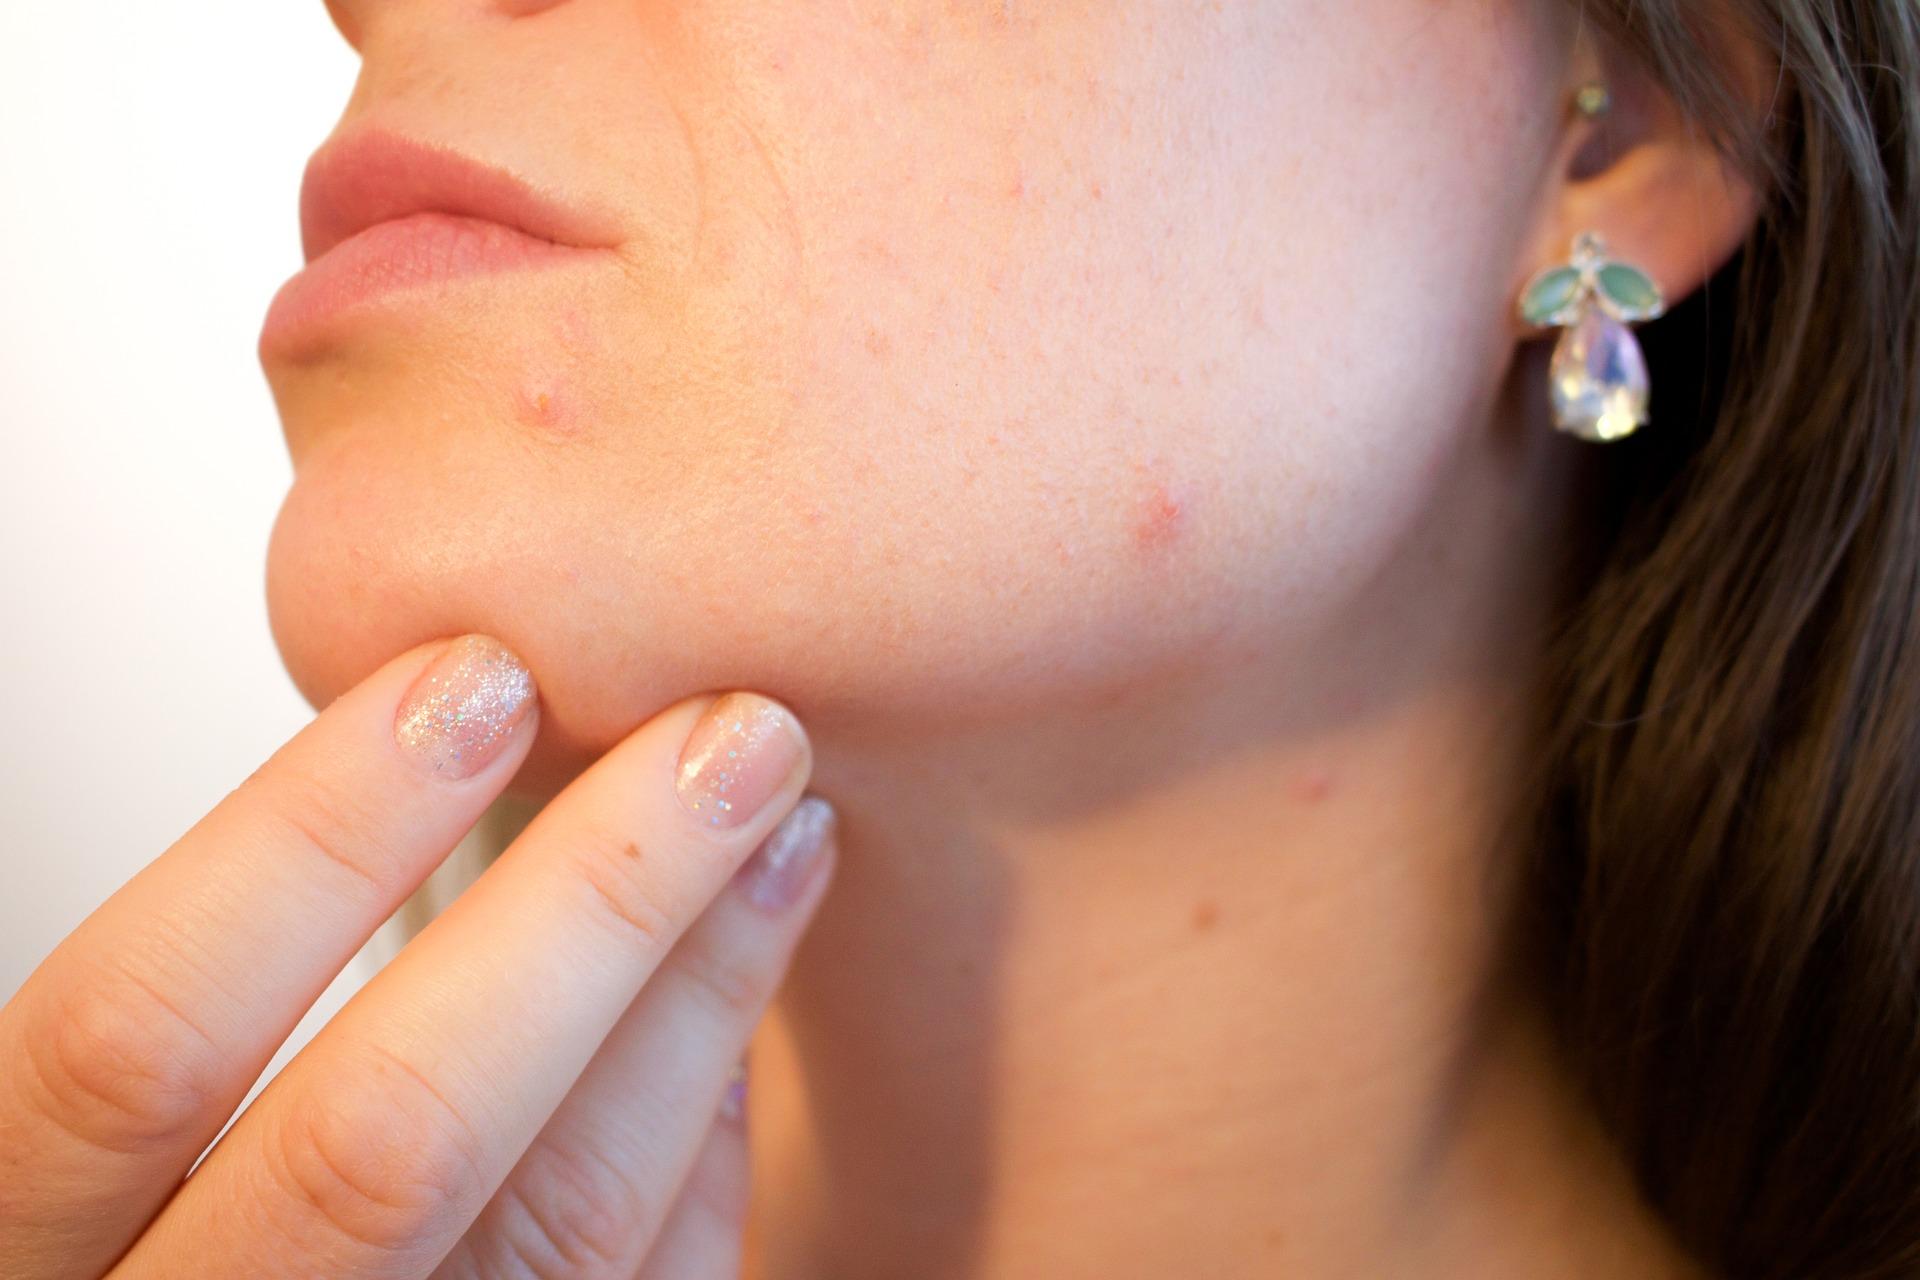 Haut Akne Pickel